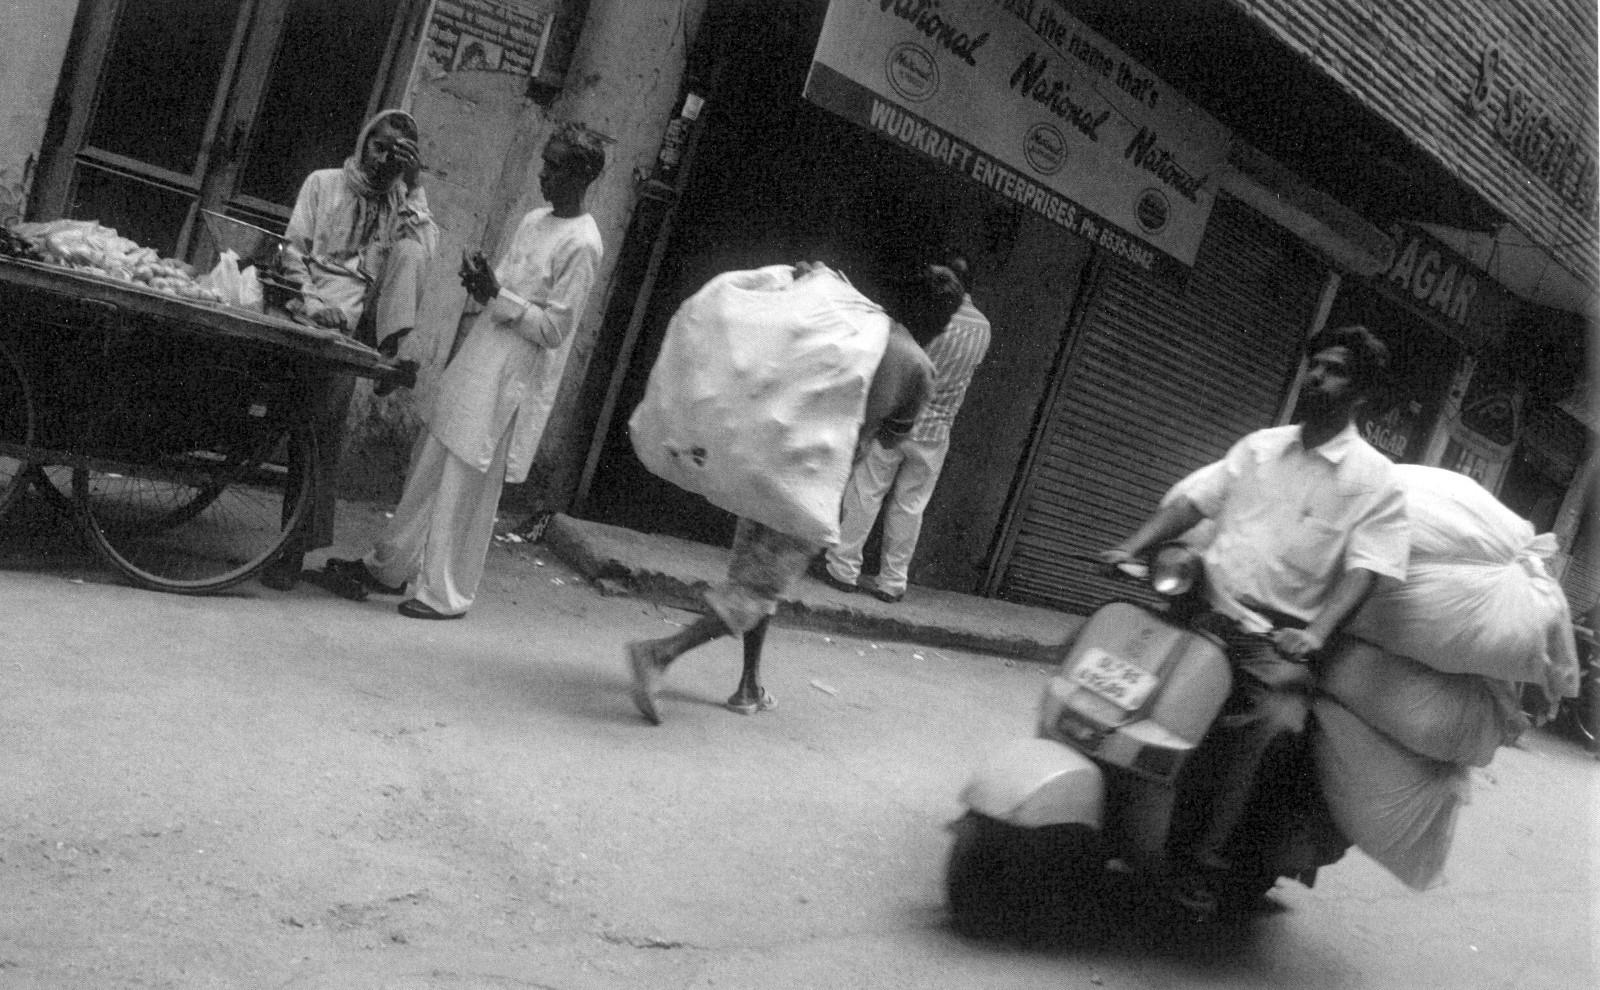 Fotografía en blanco y negro de una calle de nueva delhi en la India. Motocicleta repartiendo sacos